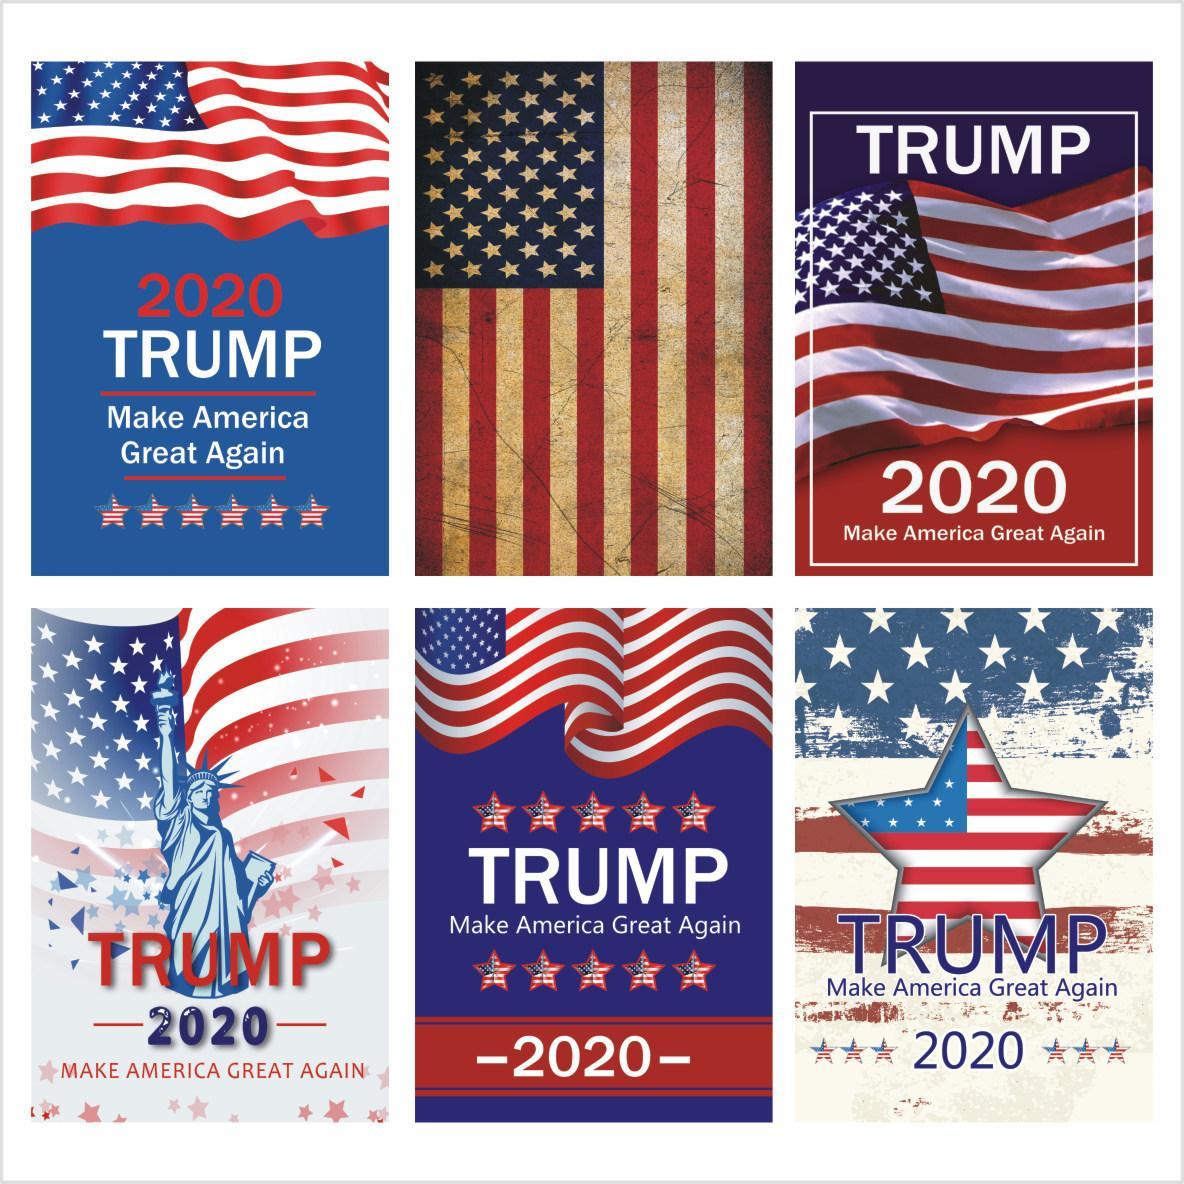 ترامب 2020 العلم 13 الأنماط أعلام دونالد حافظ أعلام الرئيس العظيم مرة أخرى البوليستر ديكور راية لأمريكا USA ترامب حزب اللوازم